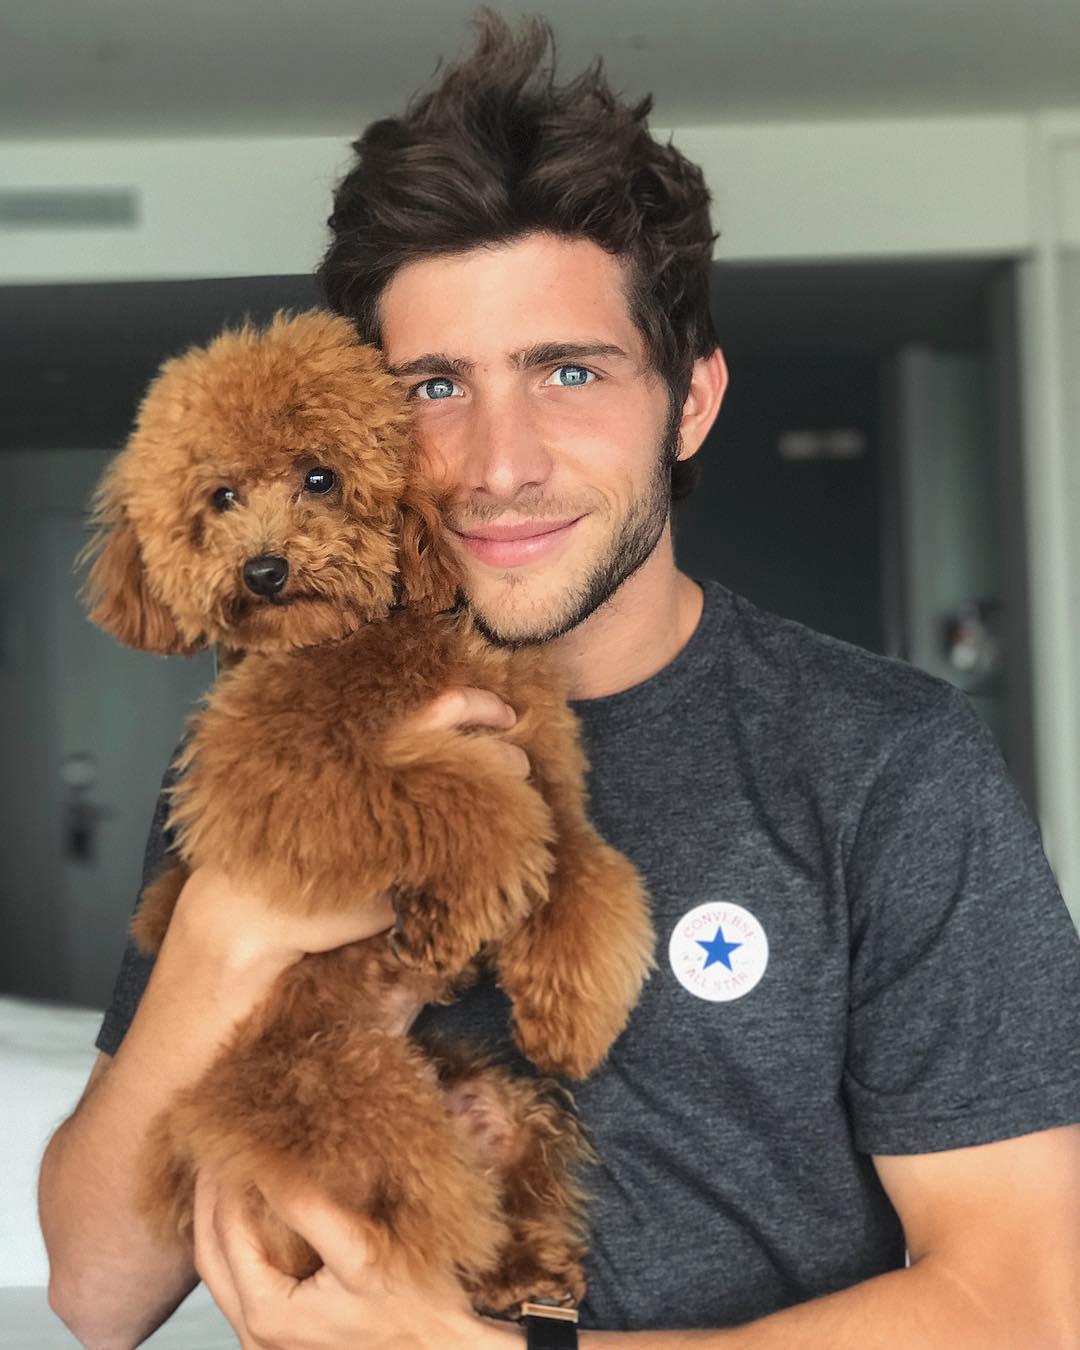 Sergi Roberto Instagram username